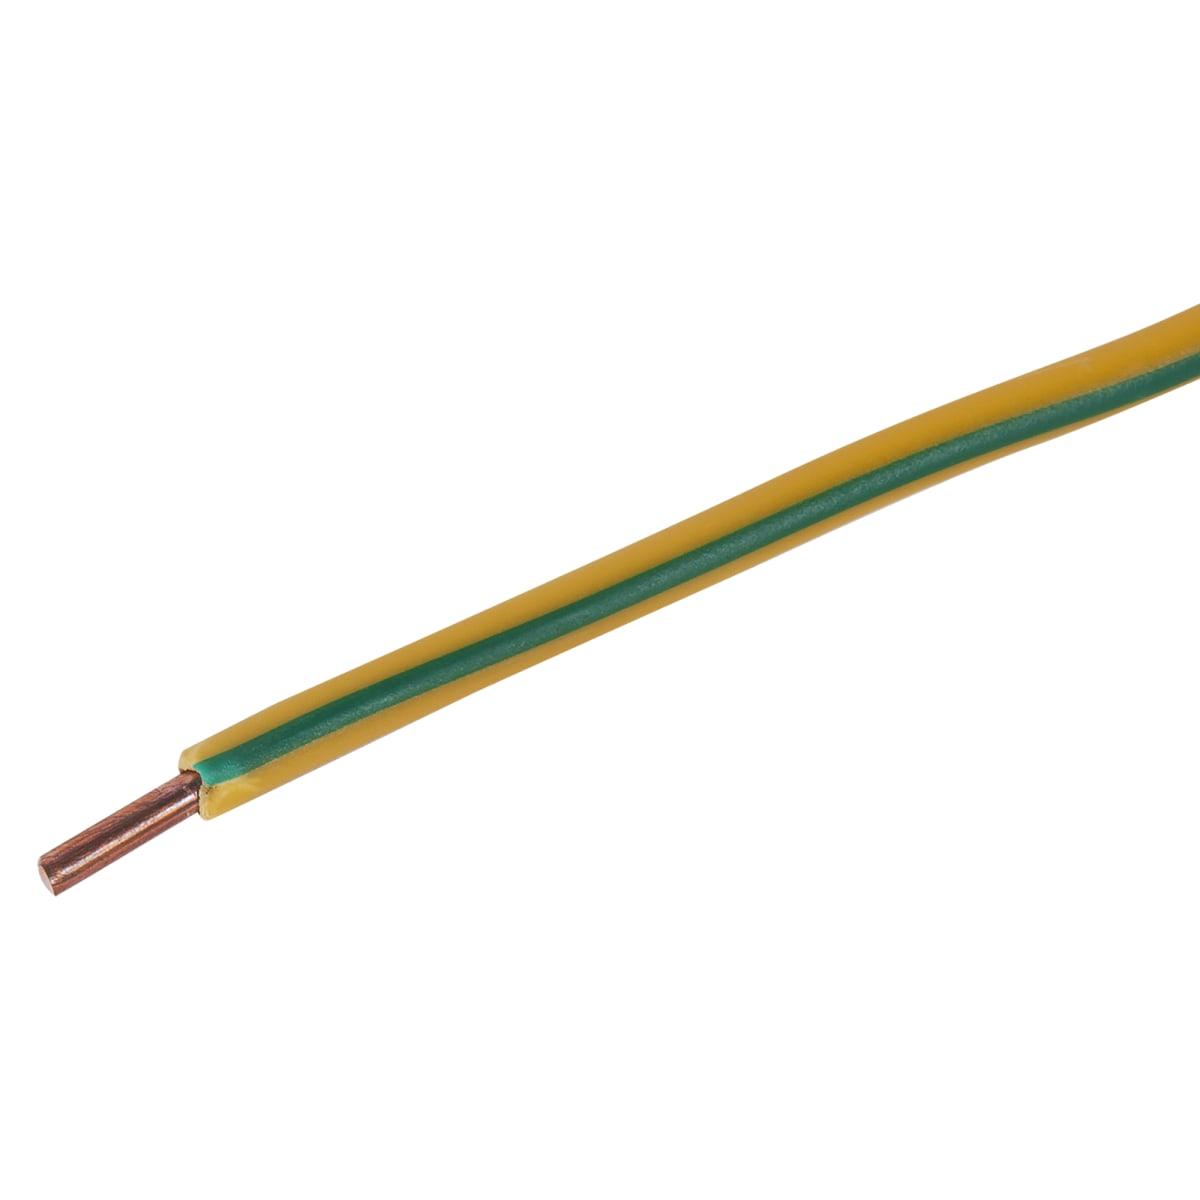 Провод ПуВ 1х4, на отрез, цвет жёлтый